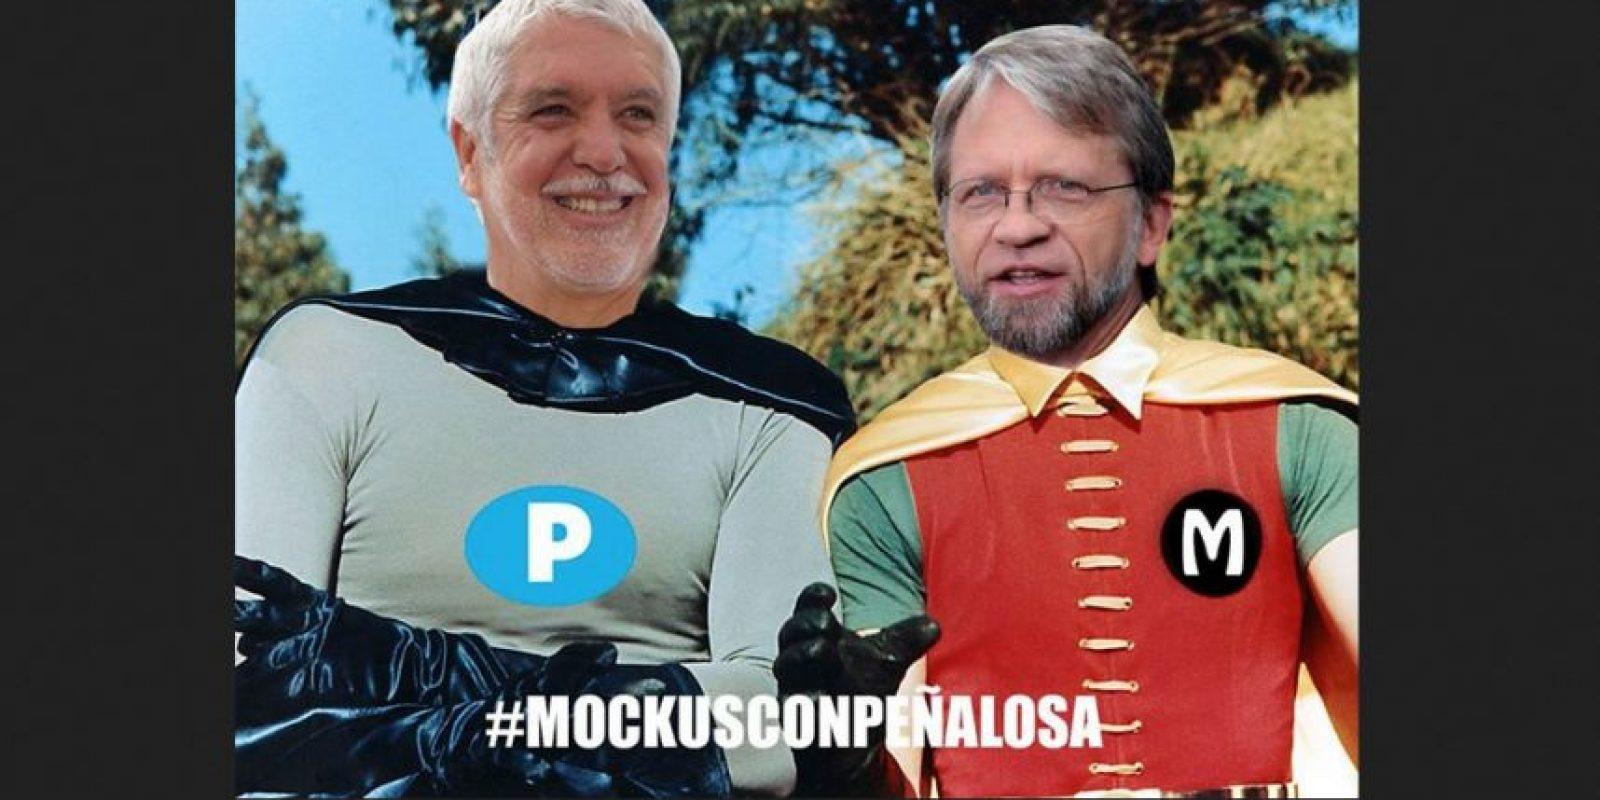 Foto:Tomado de la página oficial de Facebook del candidato Enrique Peñalosa.